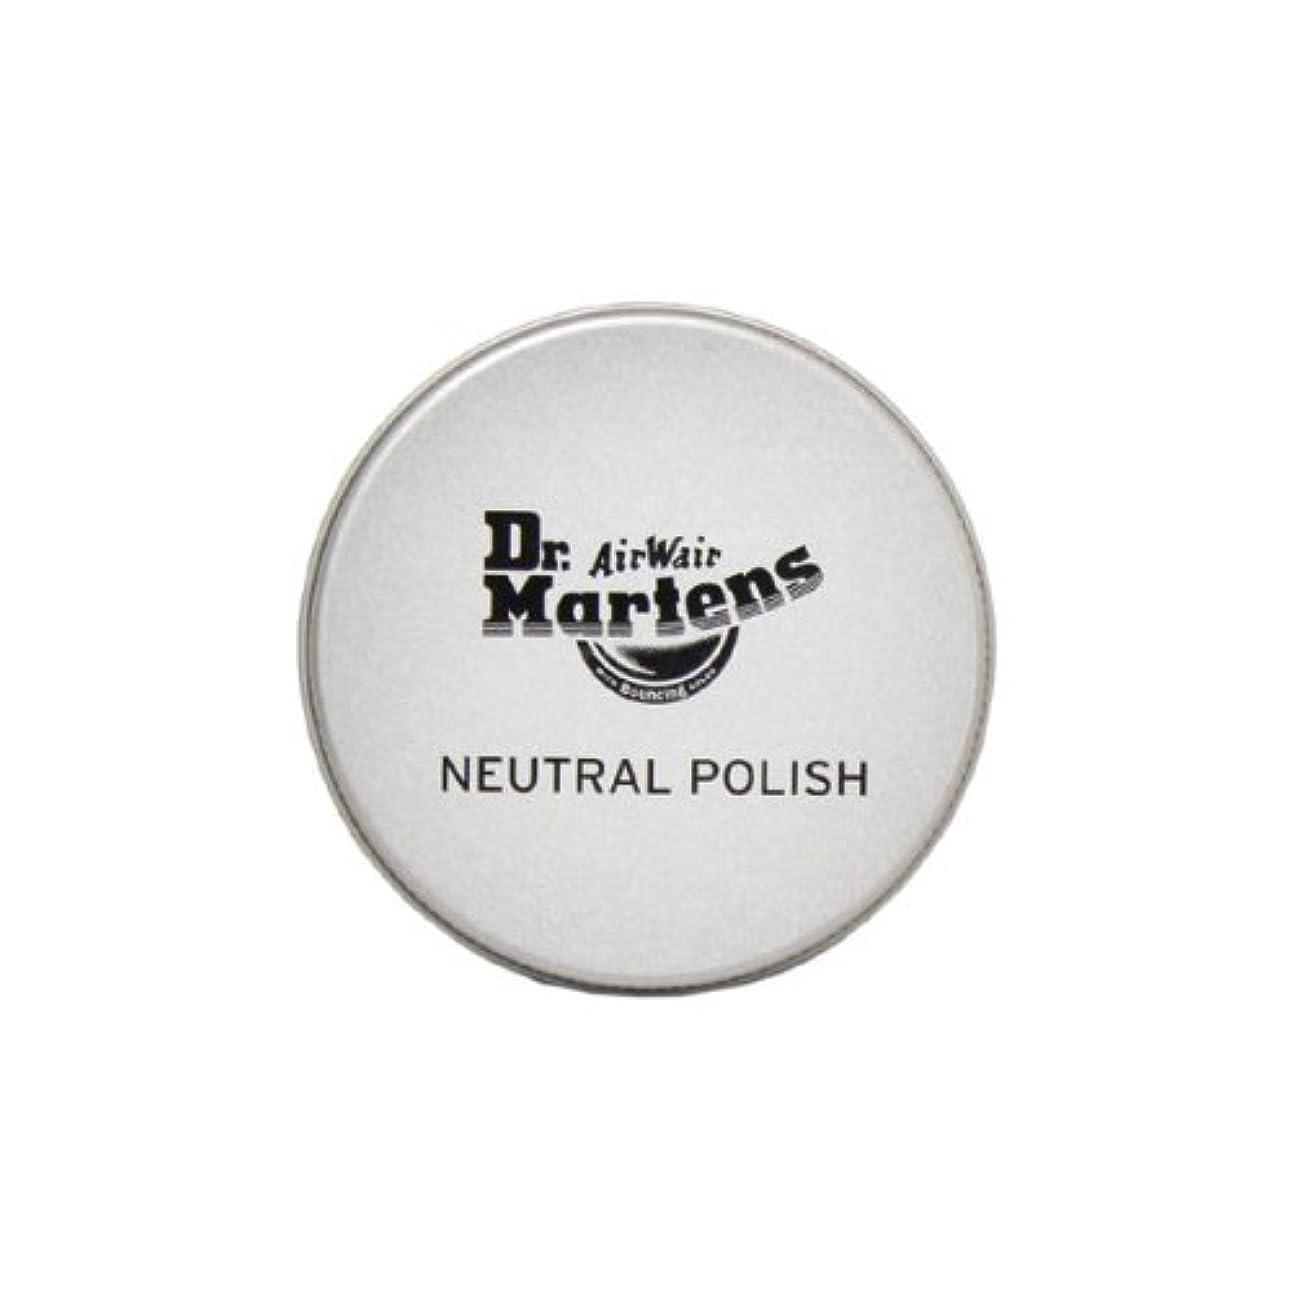 保守的コンパクト毛細血管(ドクターマーチン) Dr.Martens NEUTRAL POLISH ニュートラルポリッシュ スムースレザー用